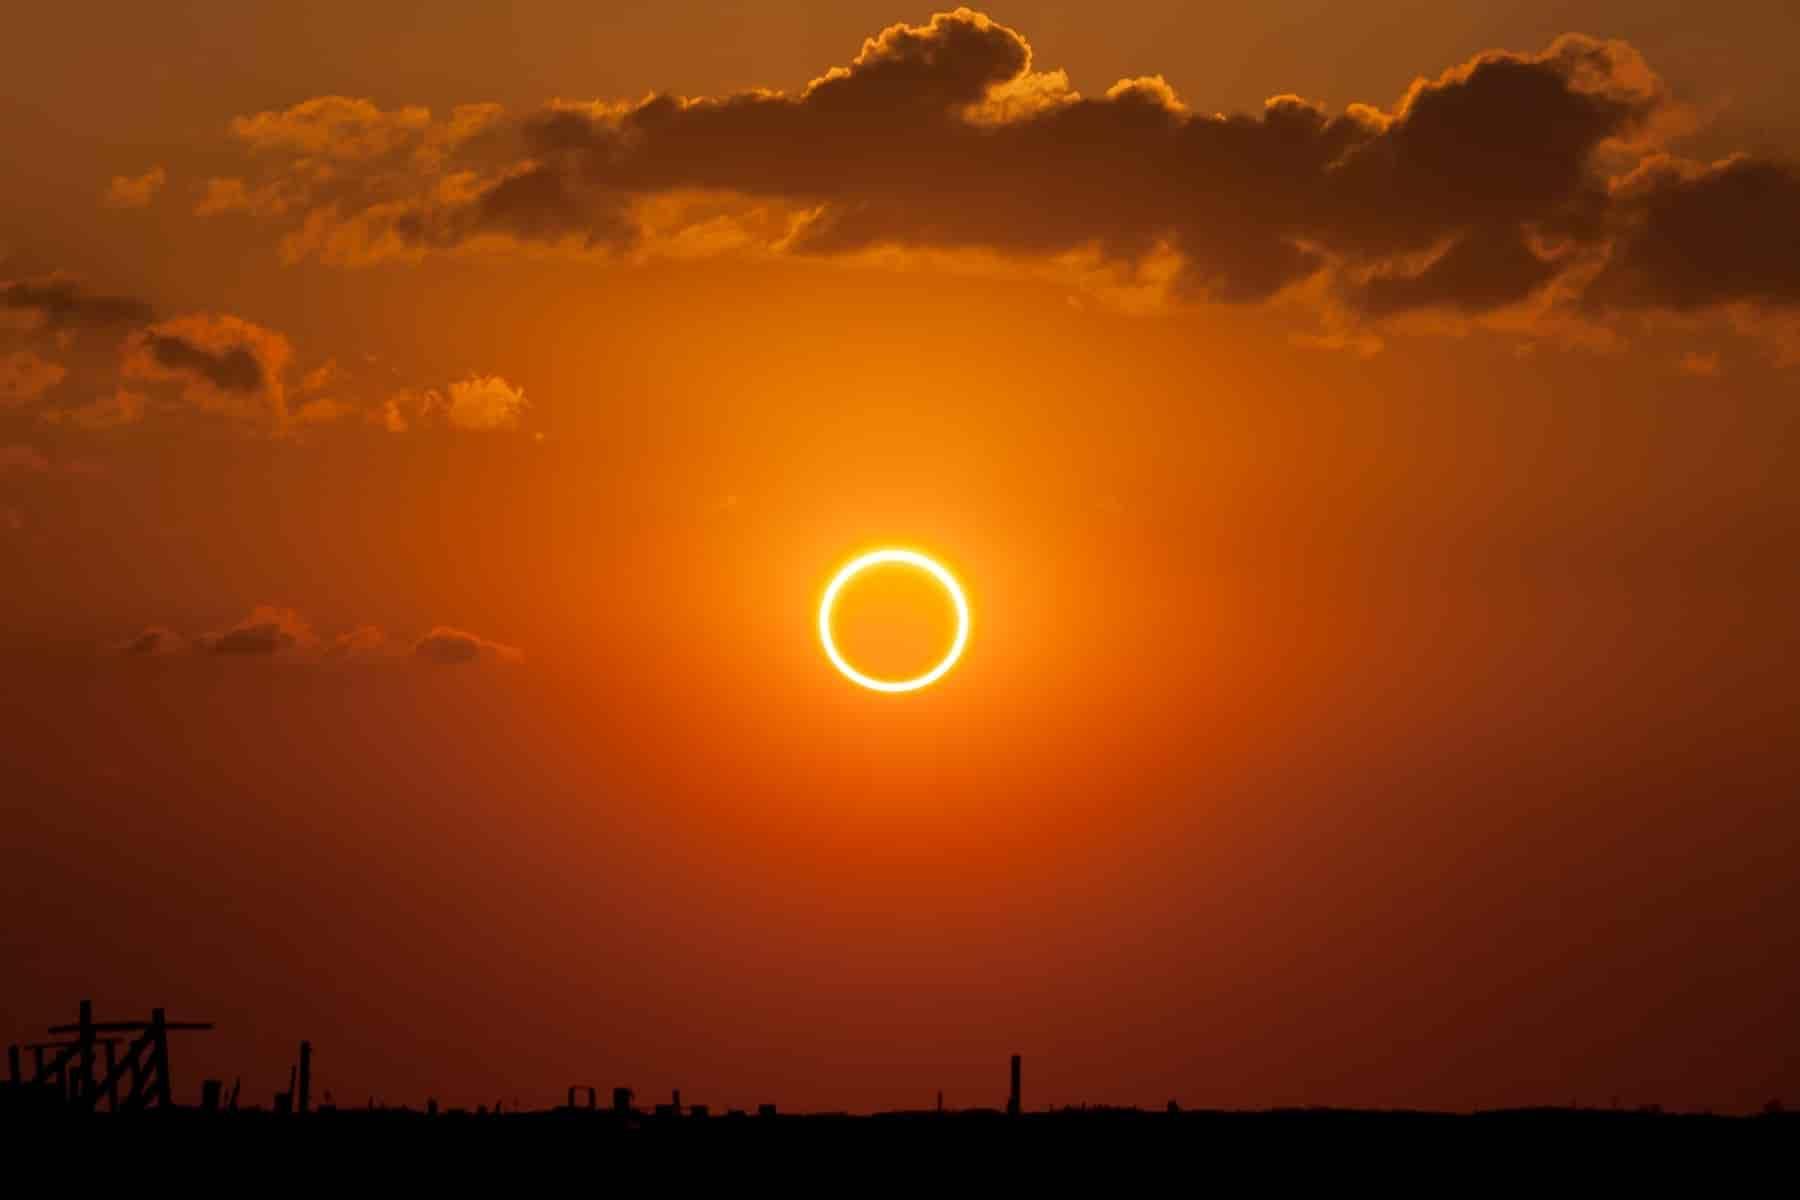 solareclipsemooner